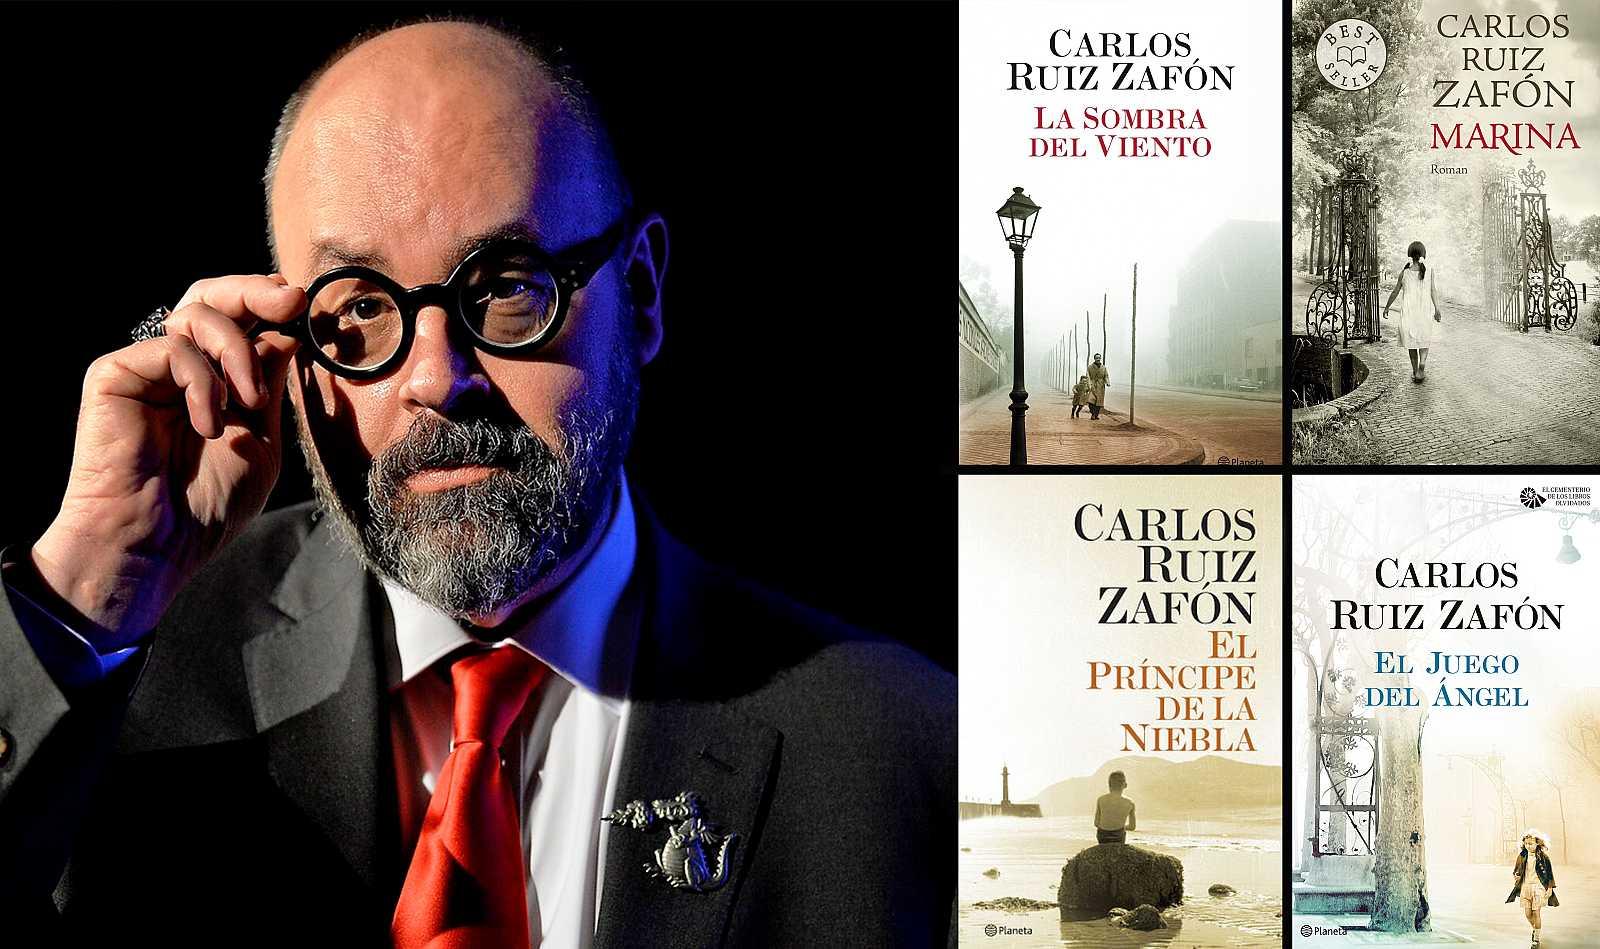 Carlos Ruiz Zafón reunió a millones de lectores alrededor de sus novelas góticas